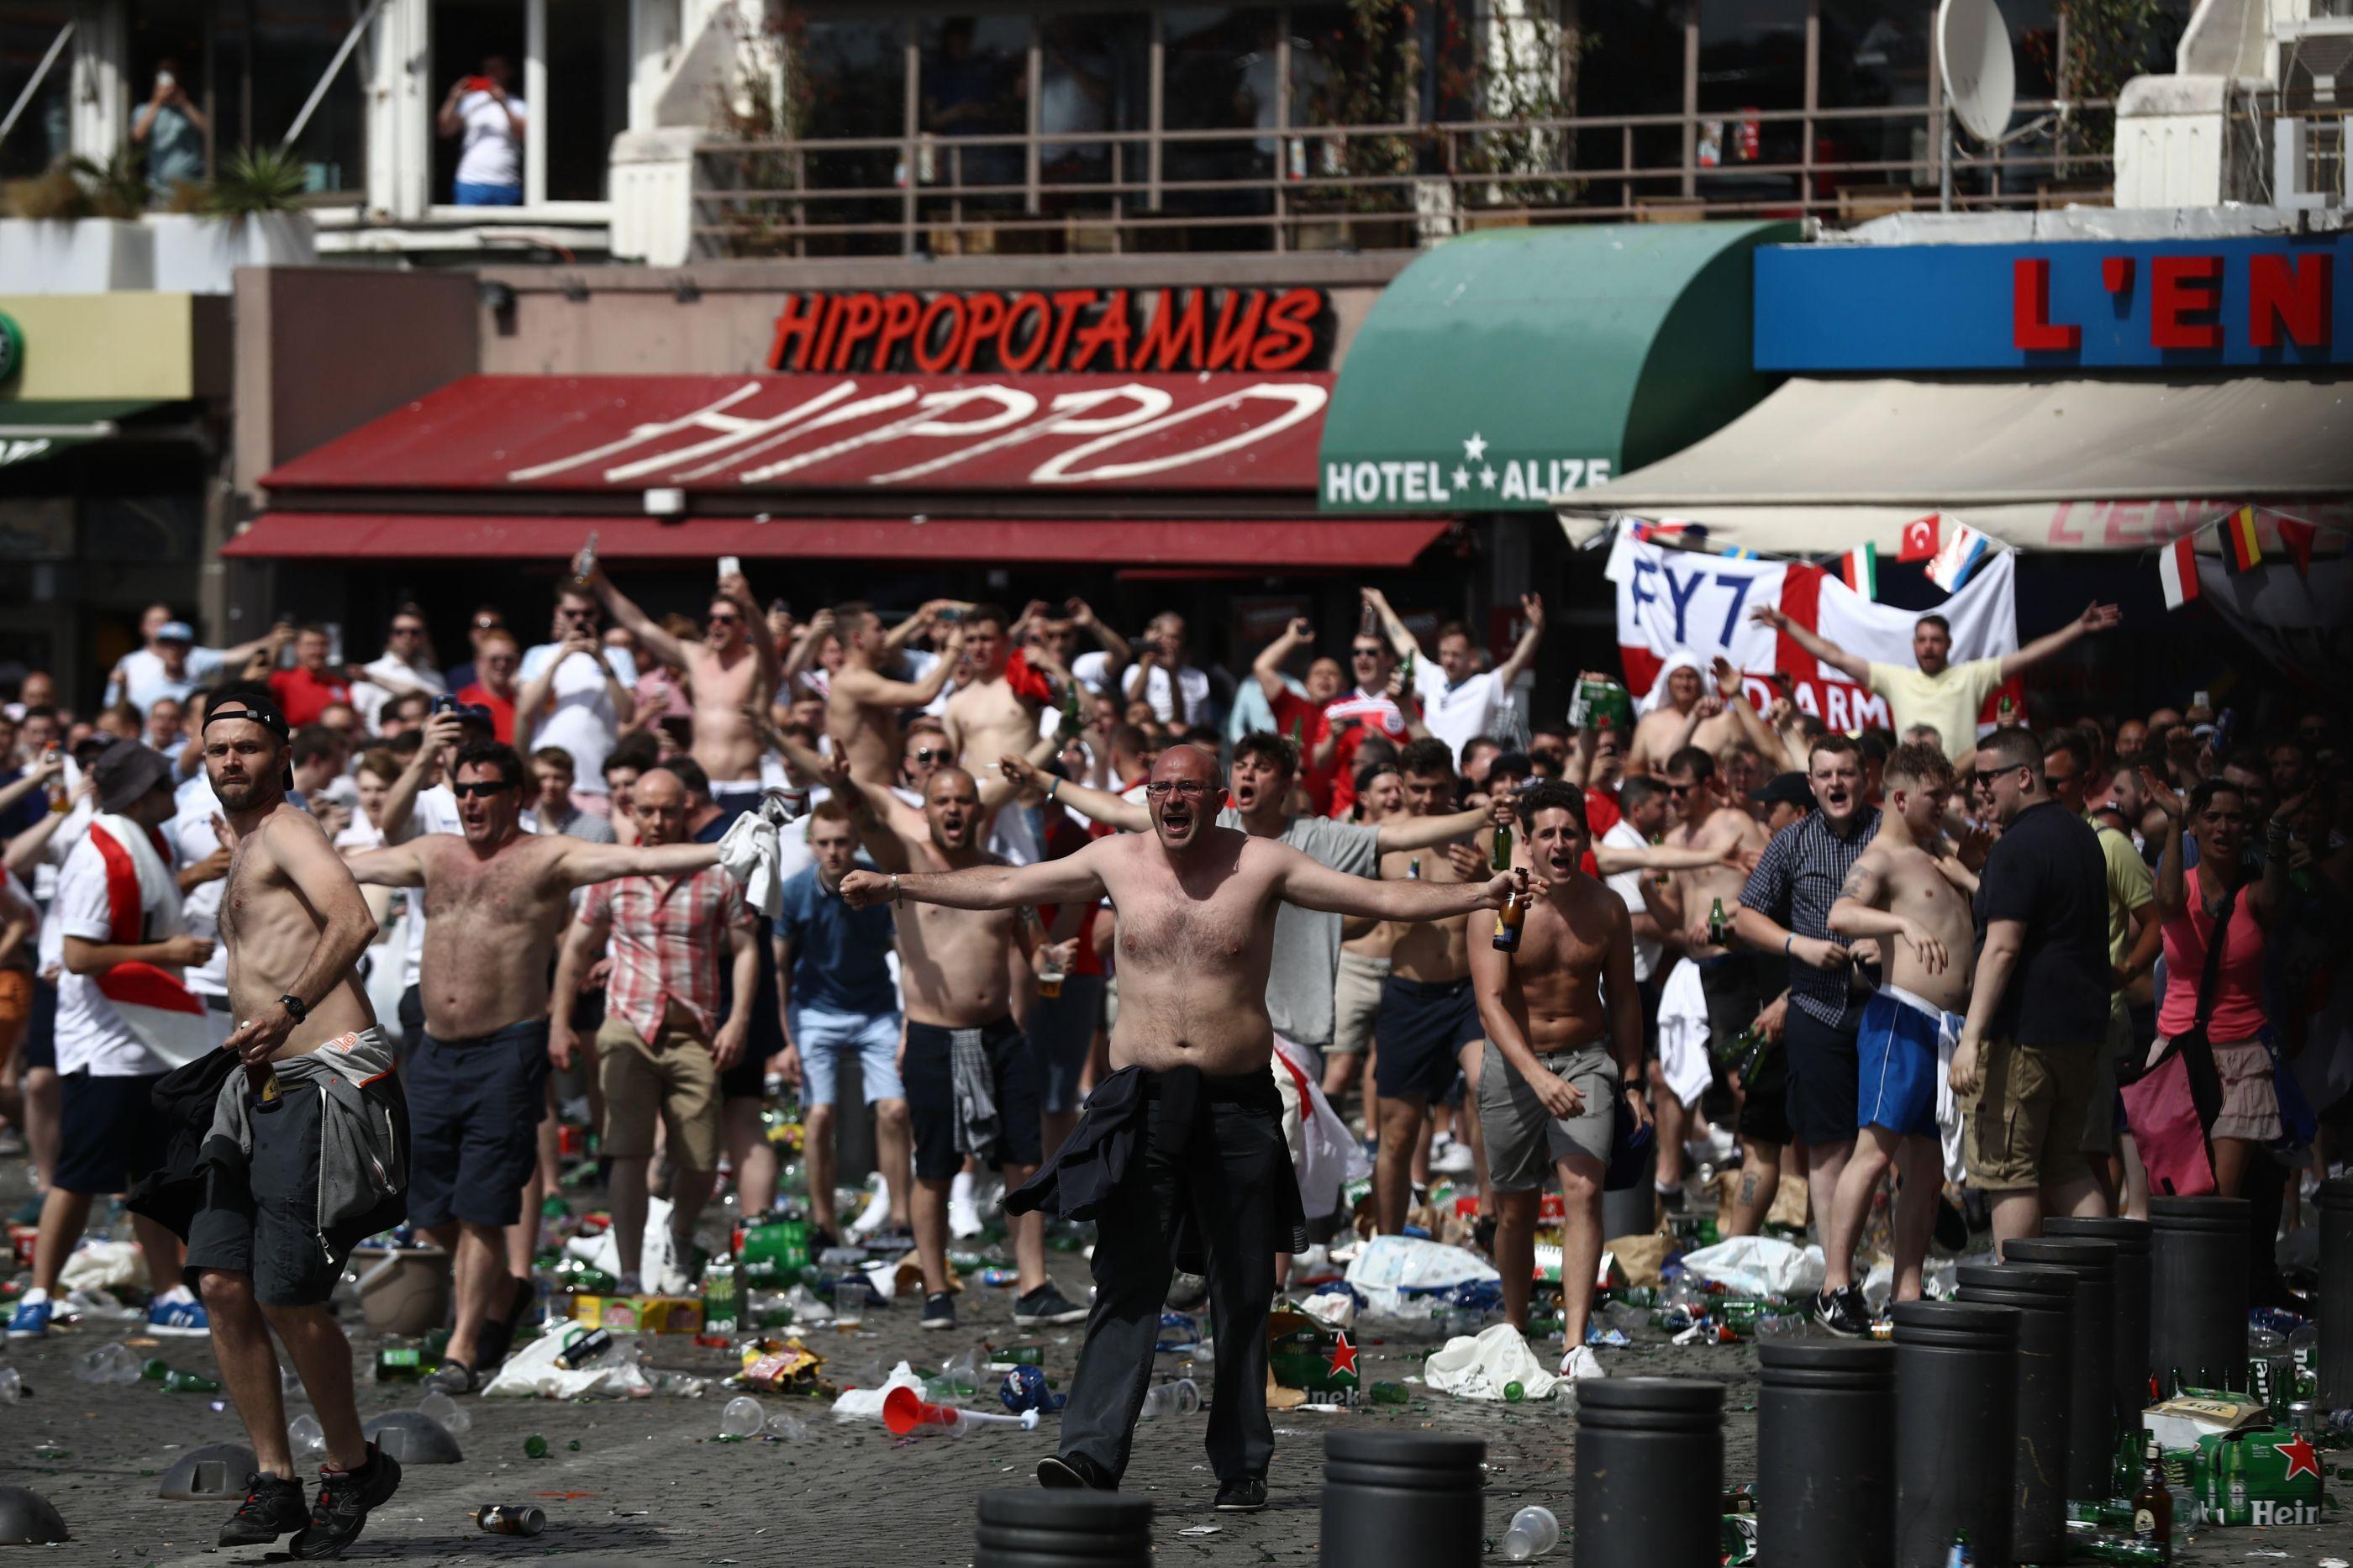 Liga das Nações: Federação inglesa teme estragos de hooligans em Portugal